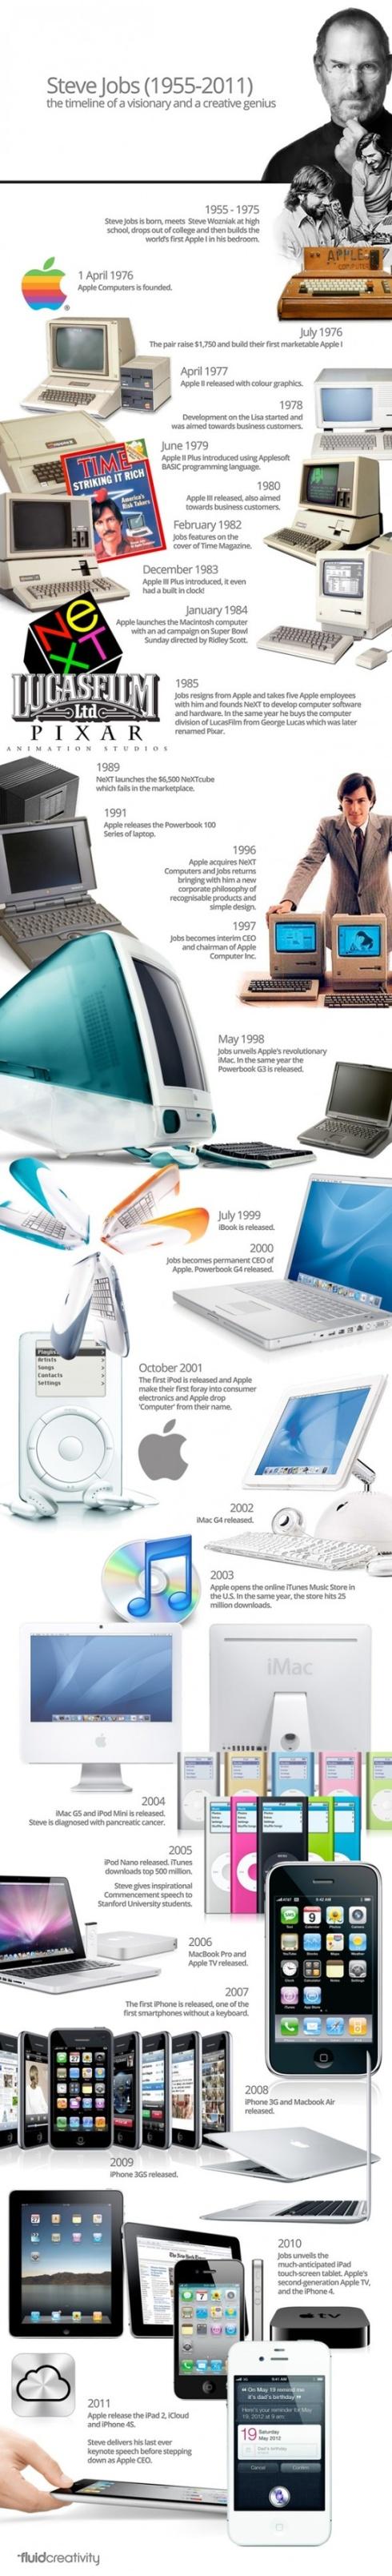 Steve Jobs Infographic